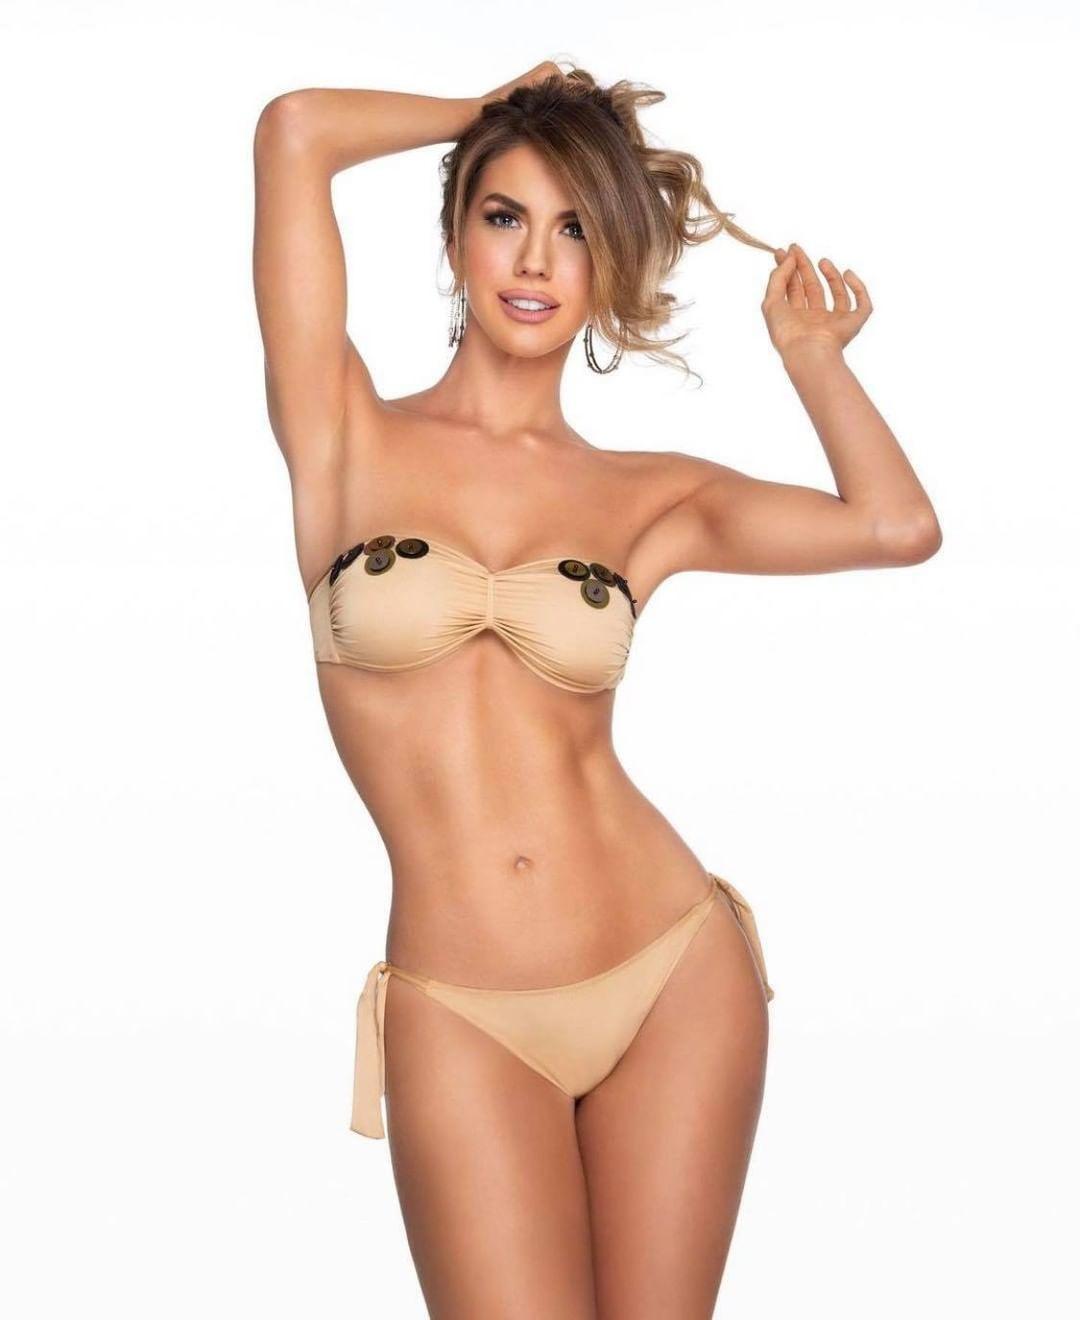 alina akselrad, miss argentina universo 2020. - Página 7 Fdtipn10